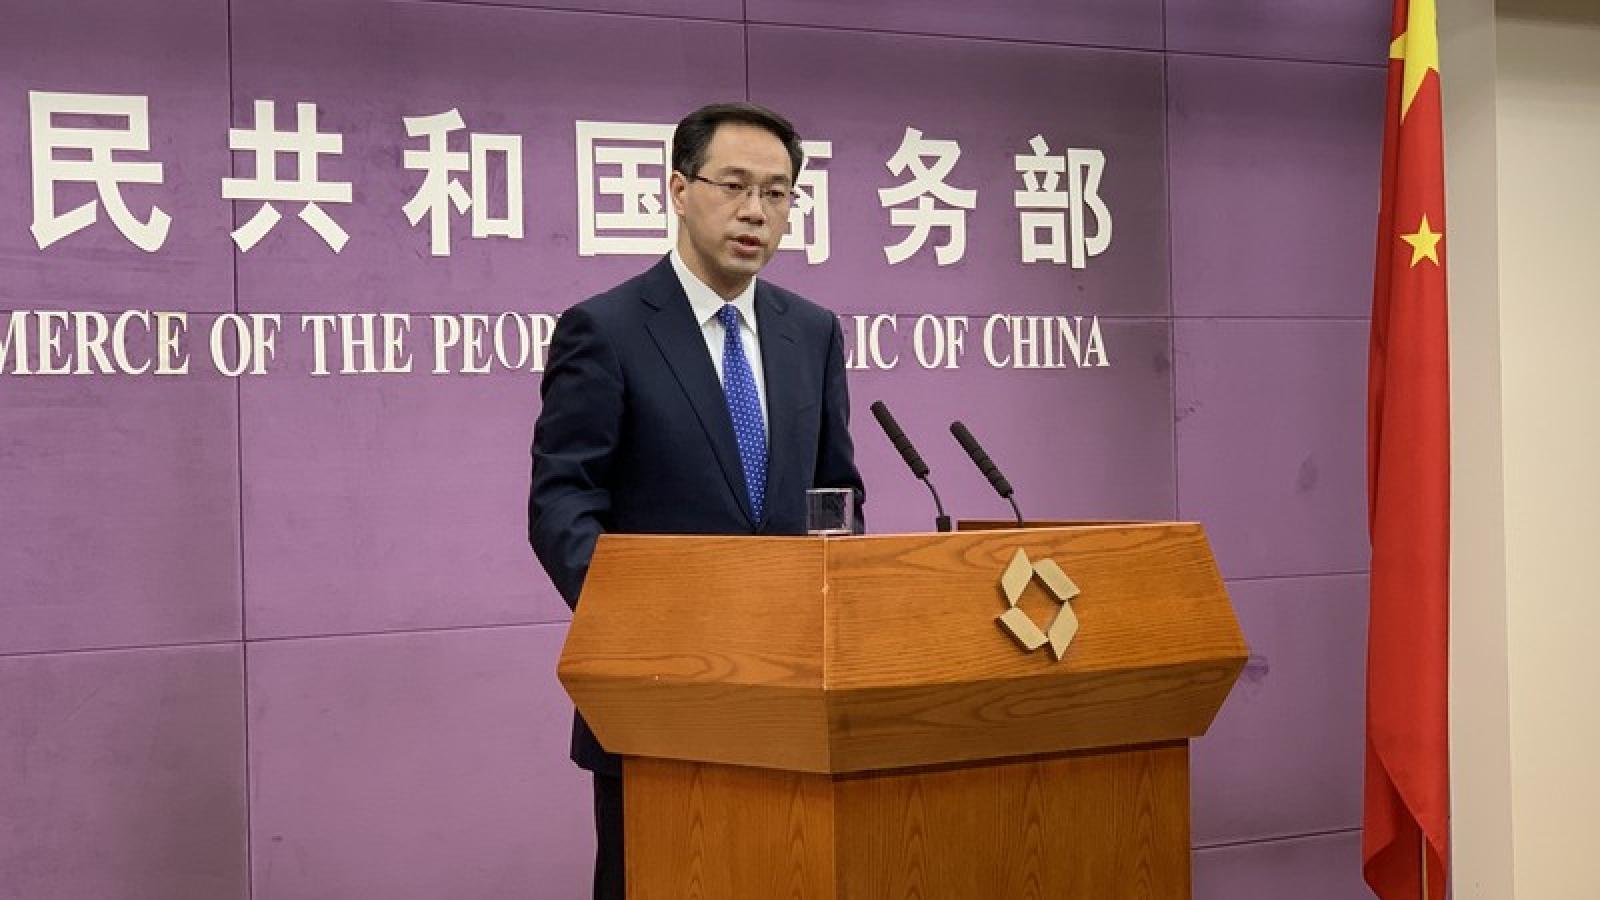 Trung Quốc đình chỉ Hiệp định tương trợ tư pháp với Mỹ